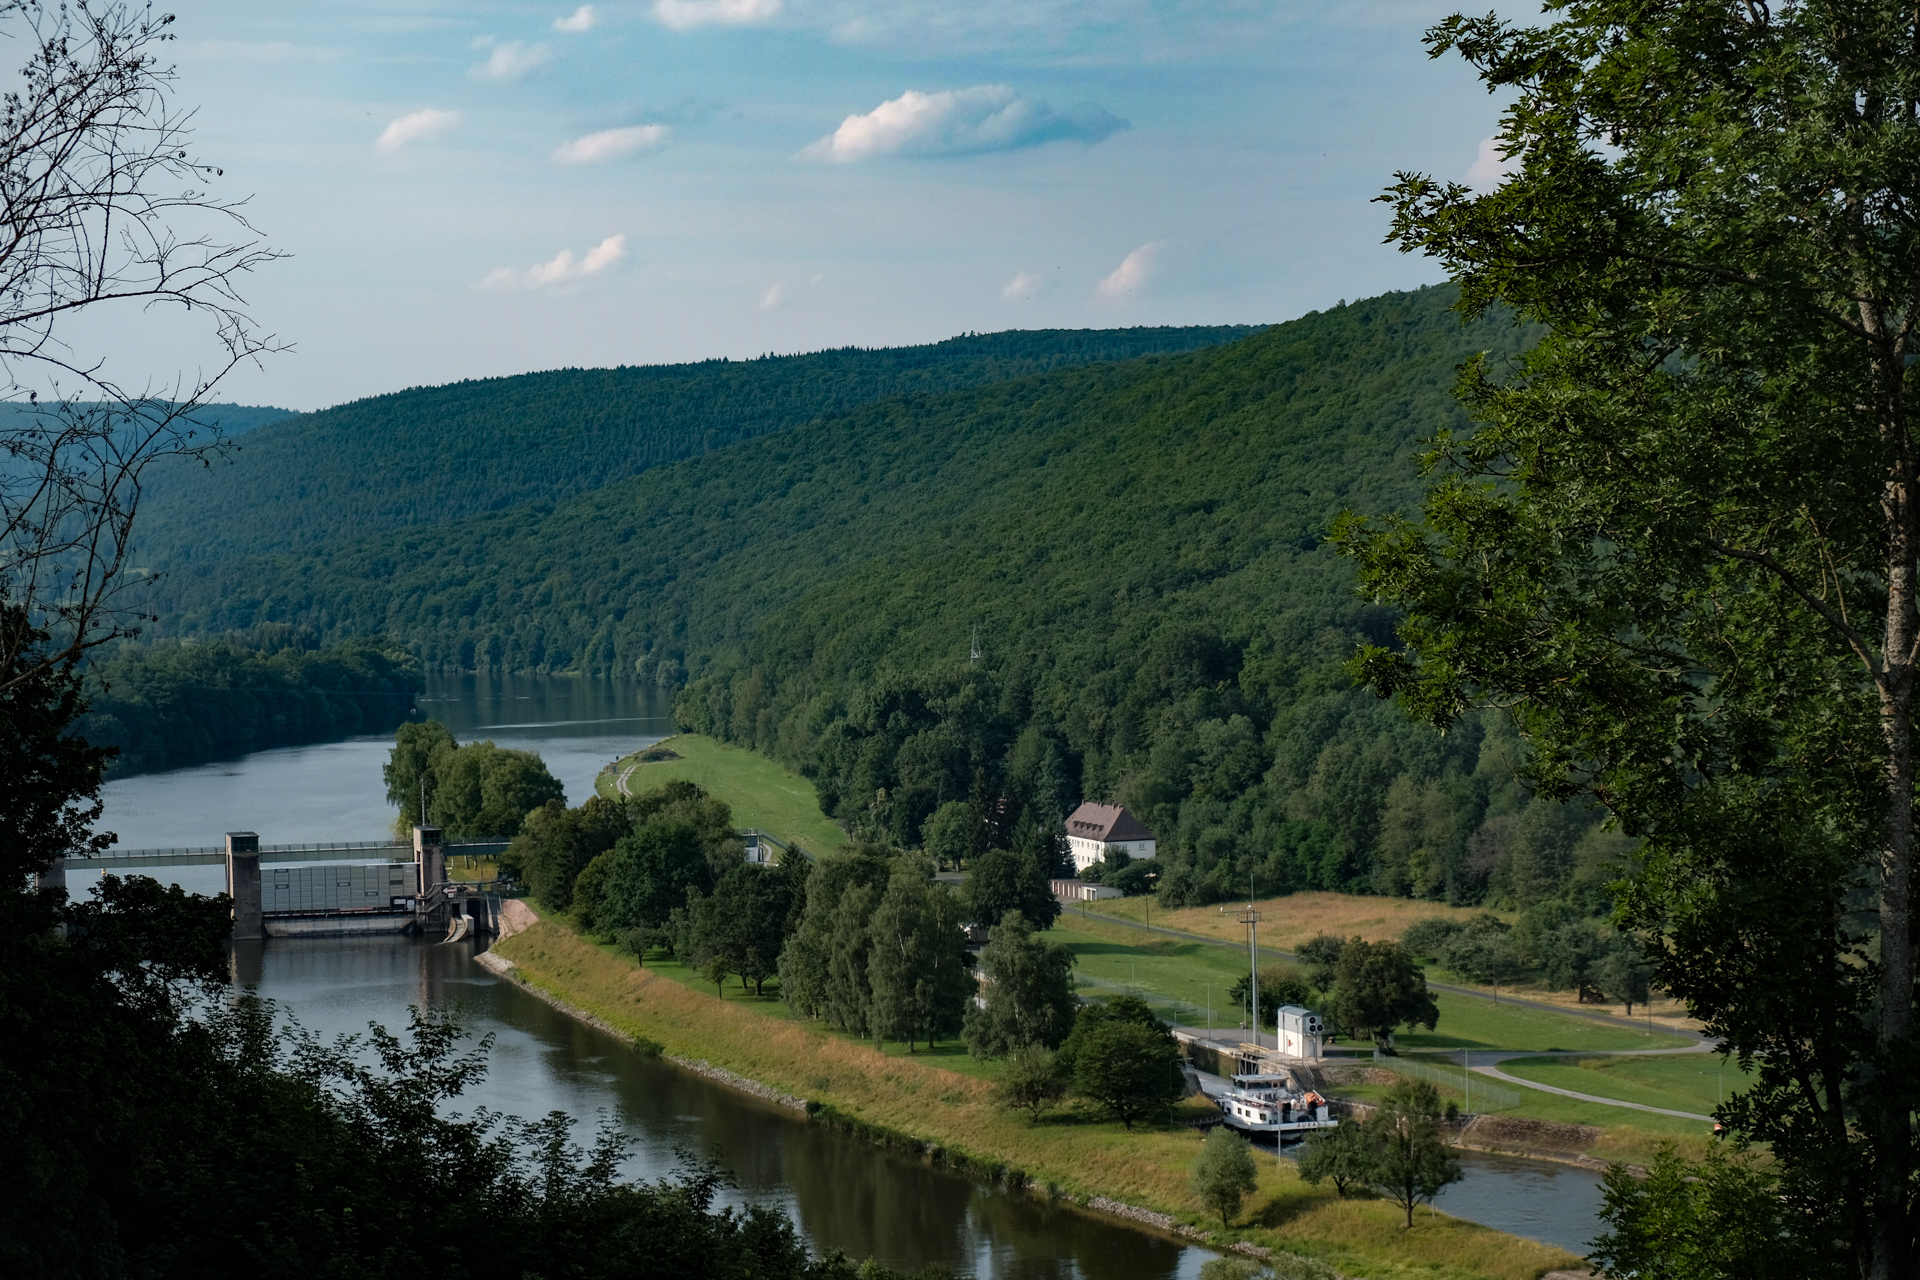 Blick auf das E-Werk bei Neustadt am Main